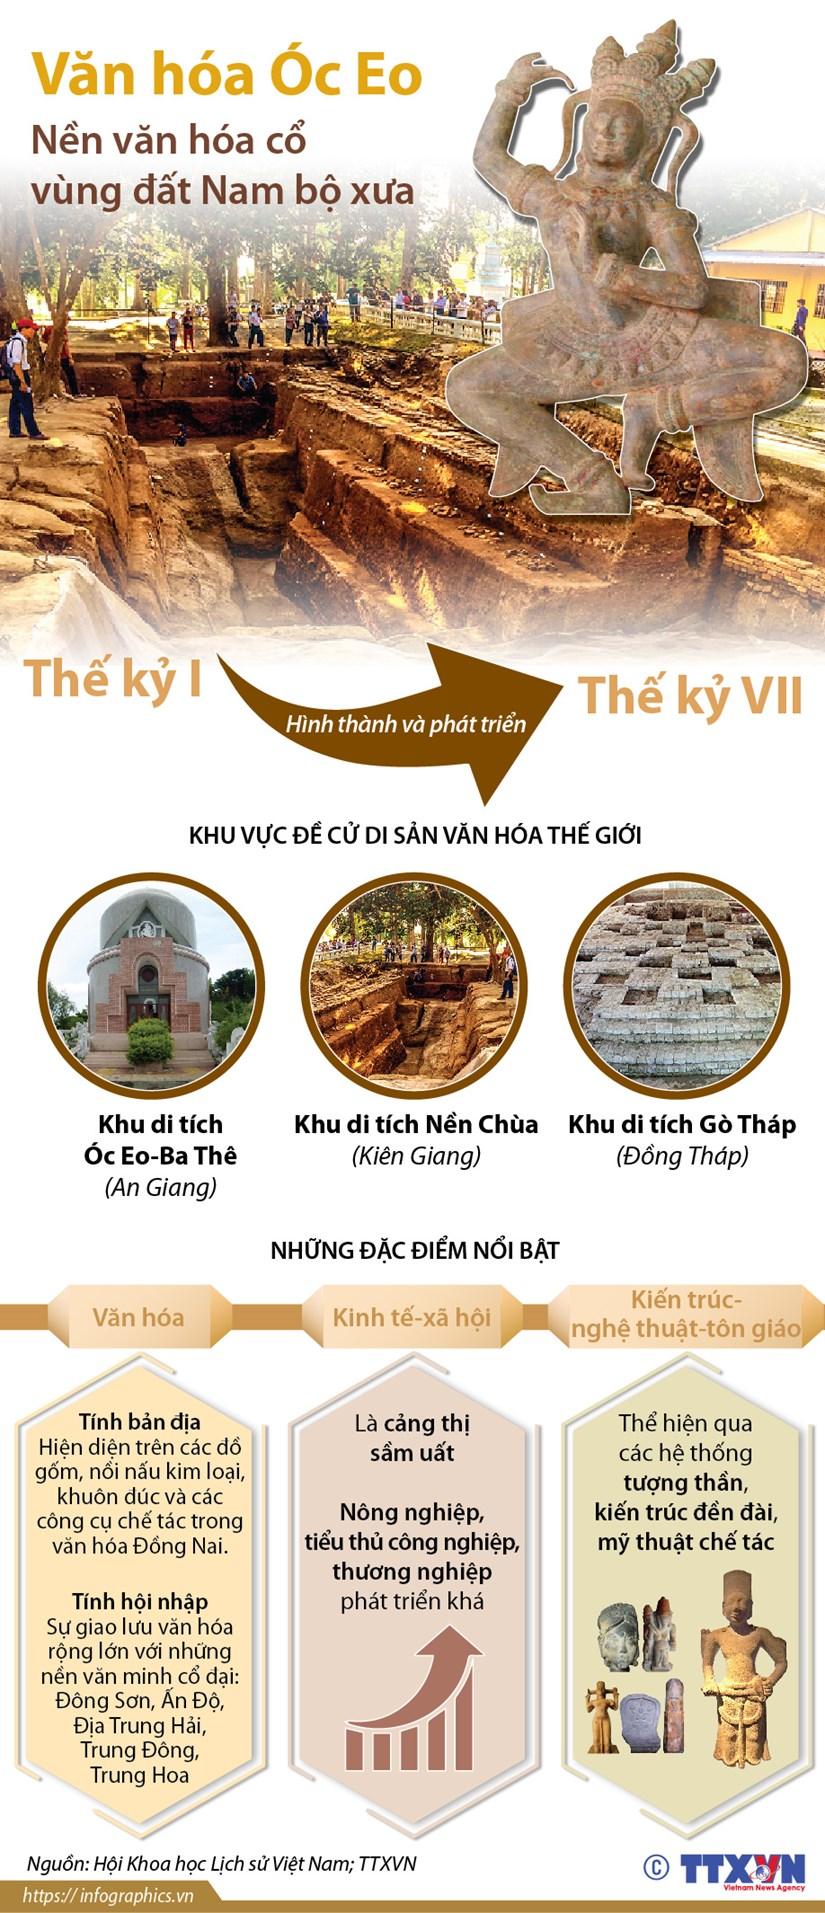 [Infographics] Van hoa Oc Eo - nen van hoa co vung dat Nam Bo xua hinh anh 1